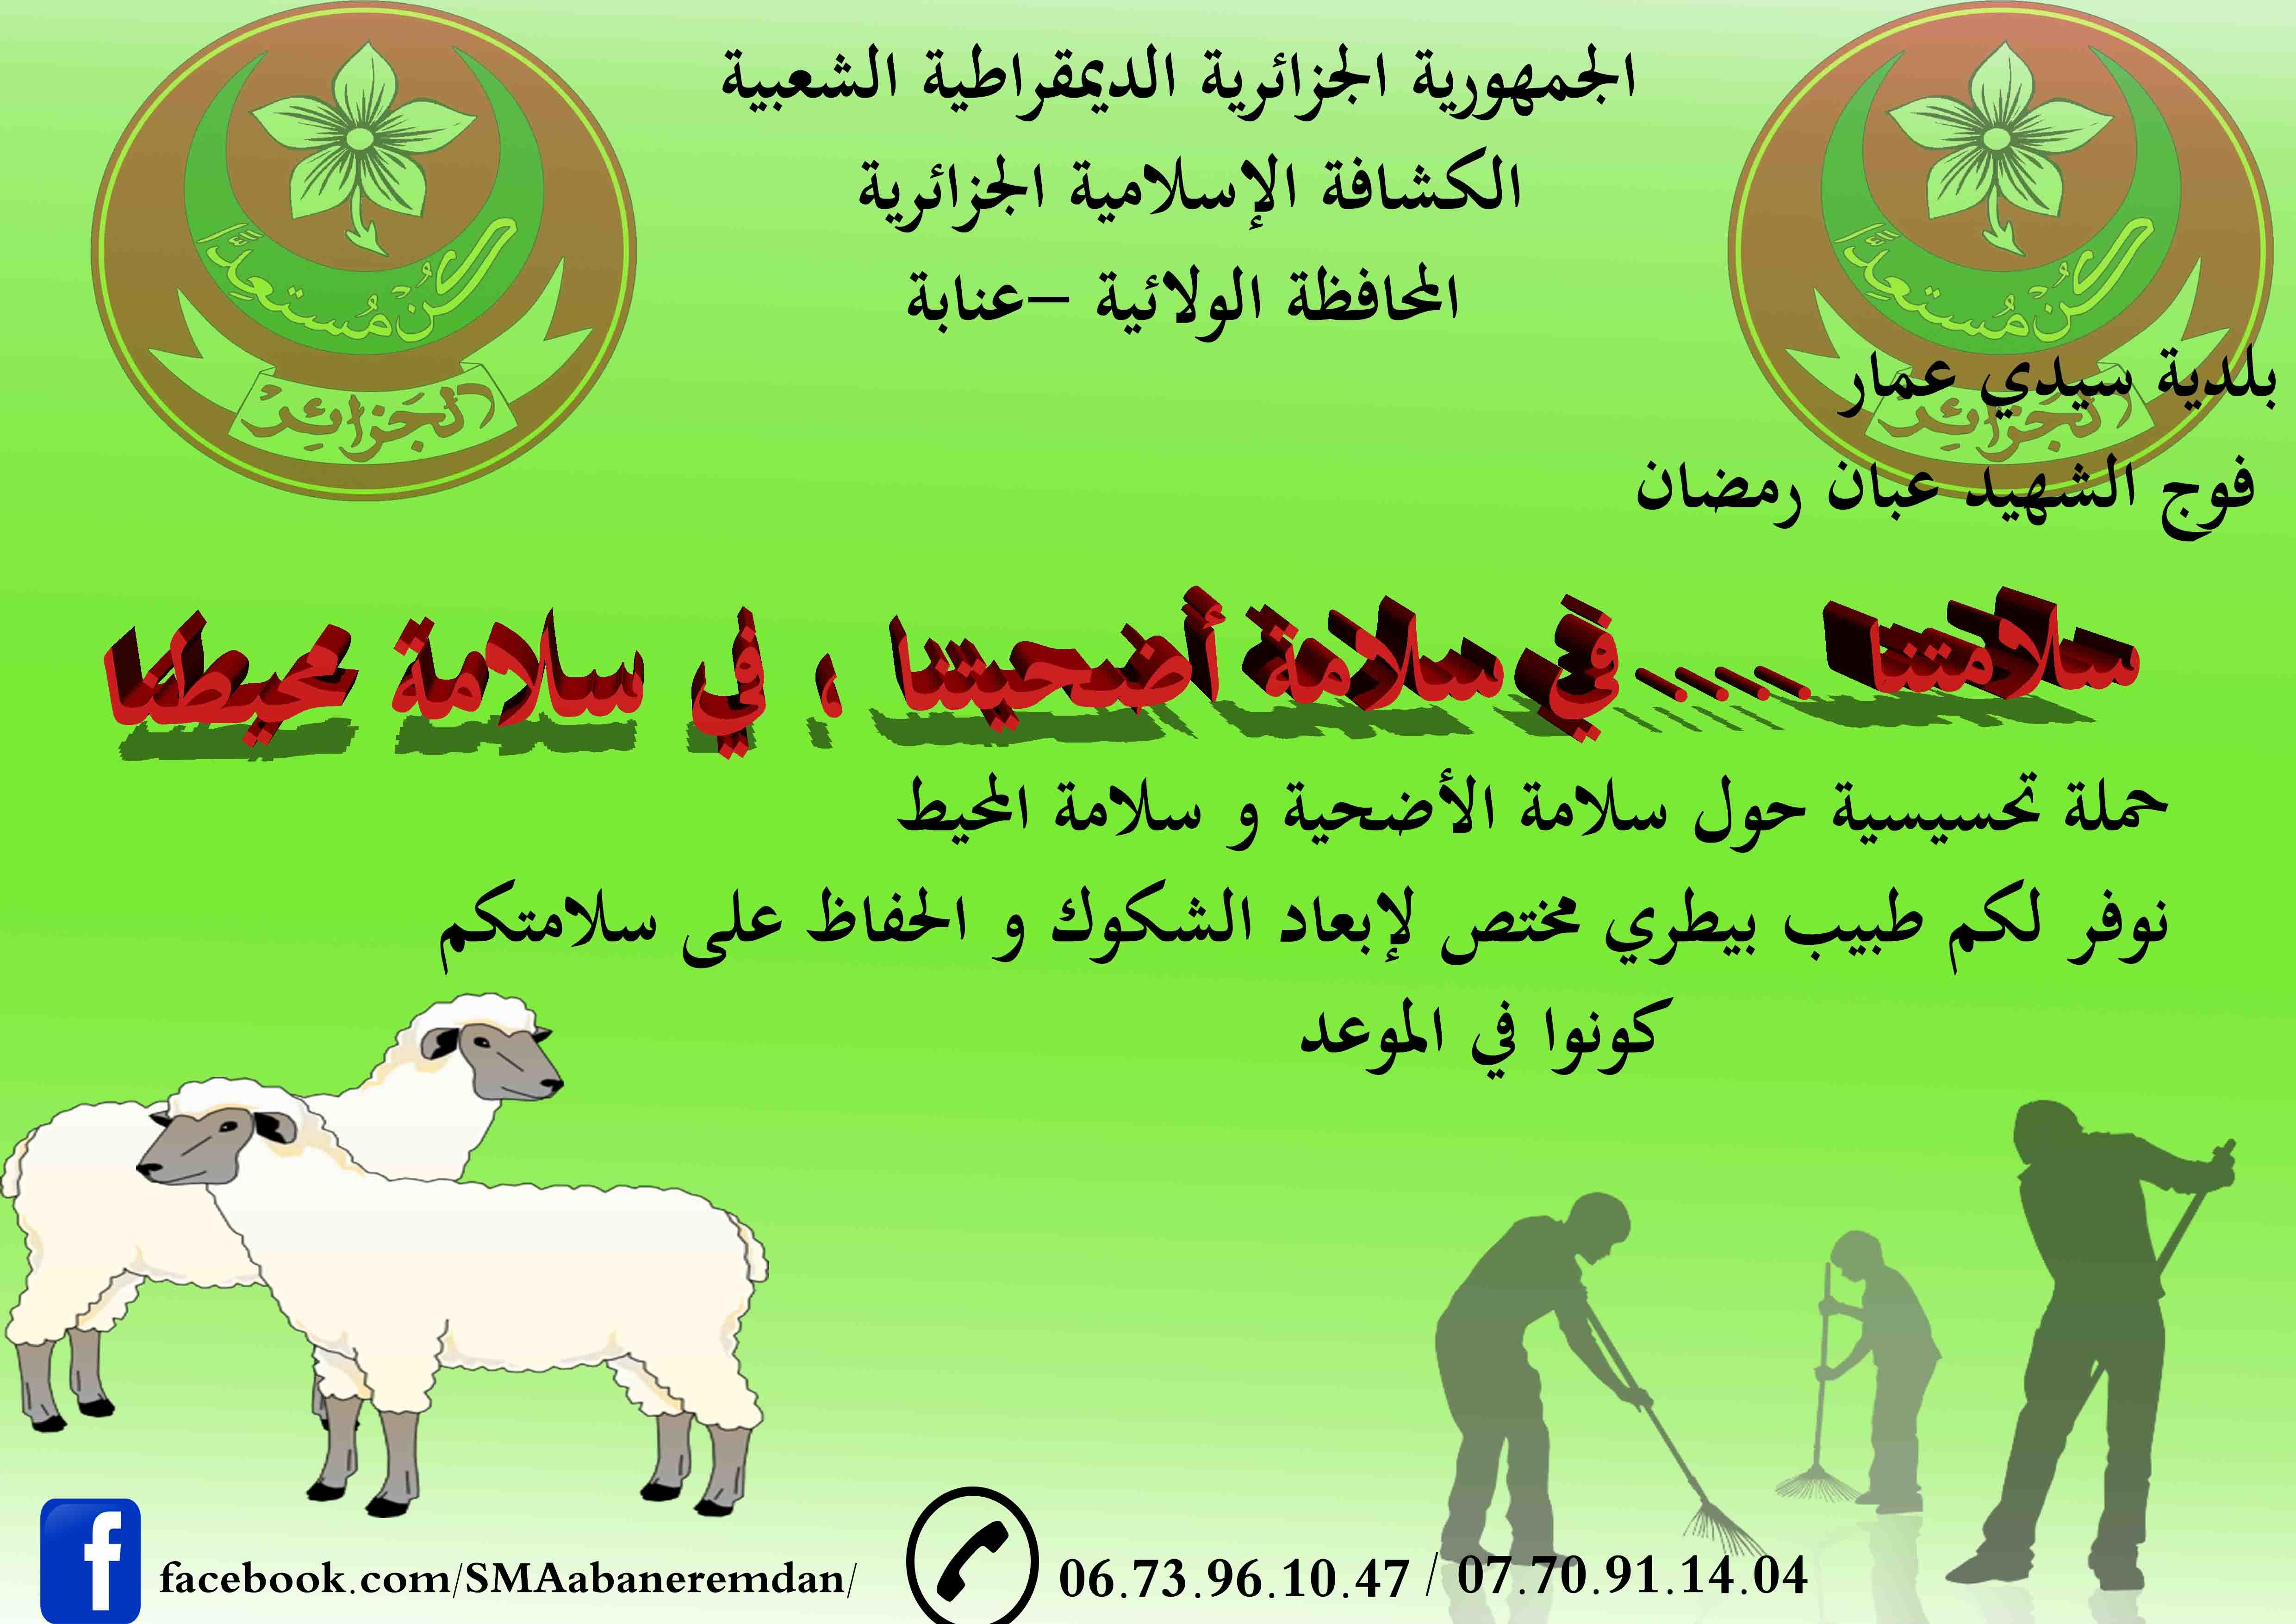 حملة تحسيسة حول نظافة المحيط وسلامة الأضحية يوم العيد - الكشافة الإسلامية الجزائرية - فوج الشهيد عبان رمضان -